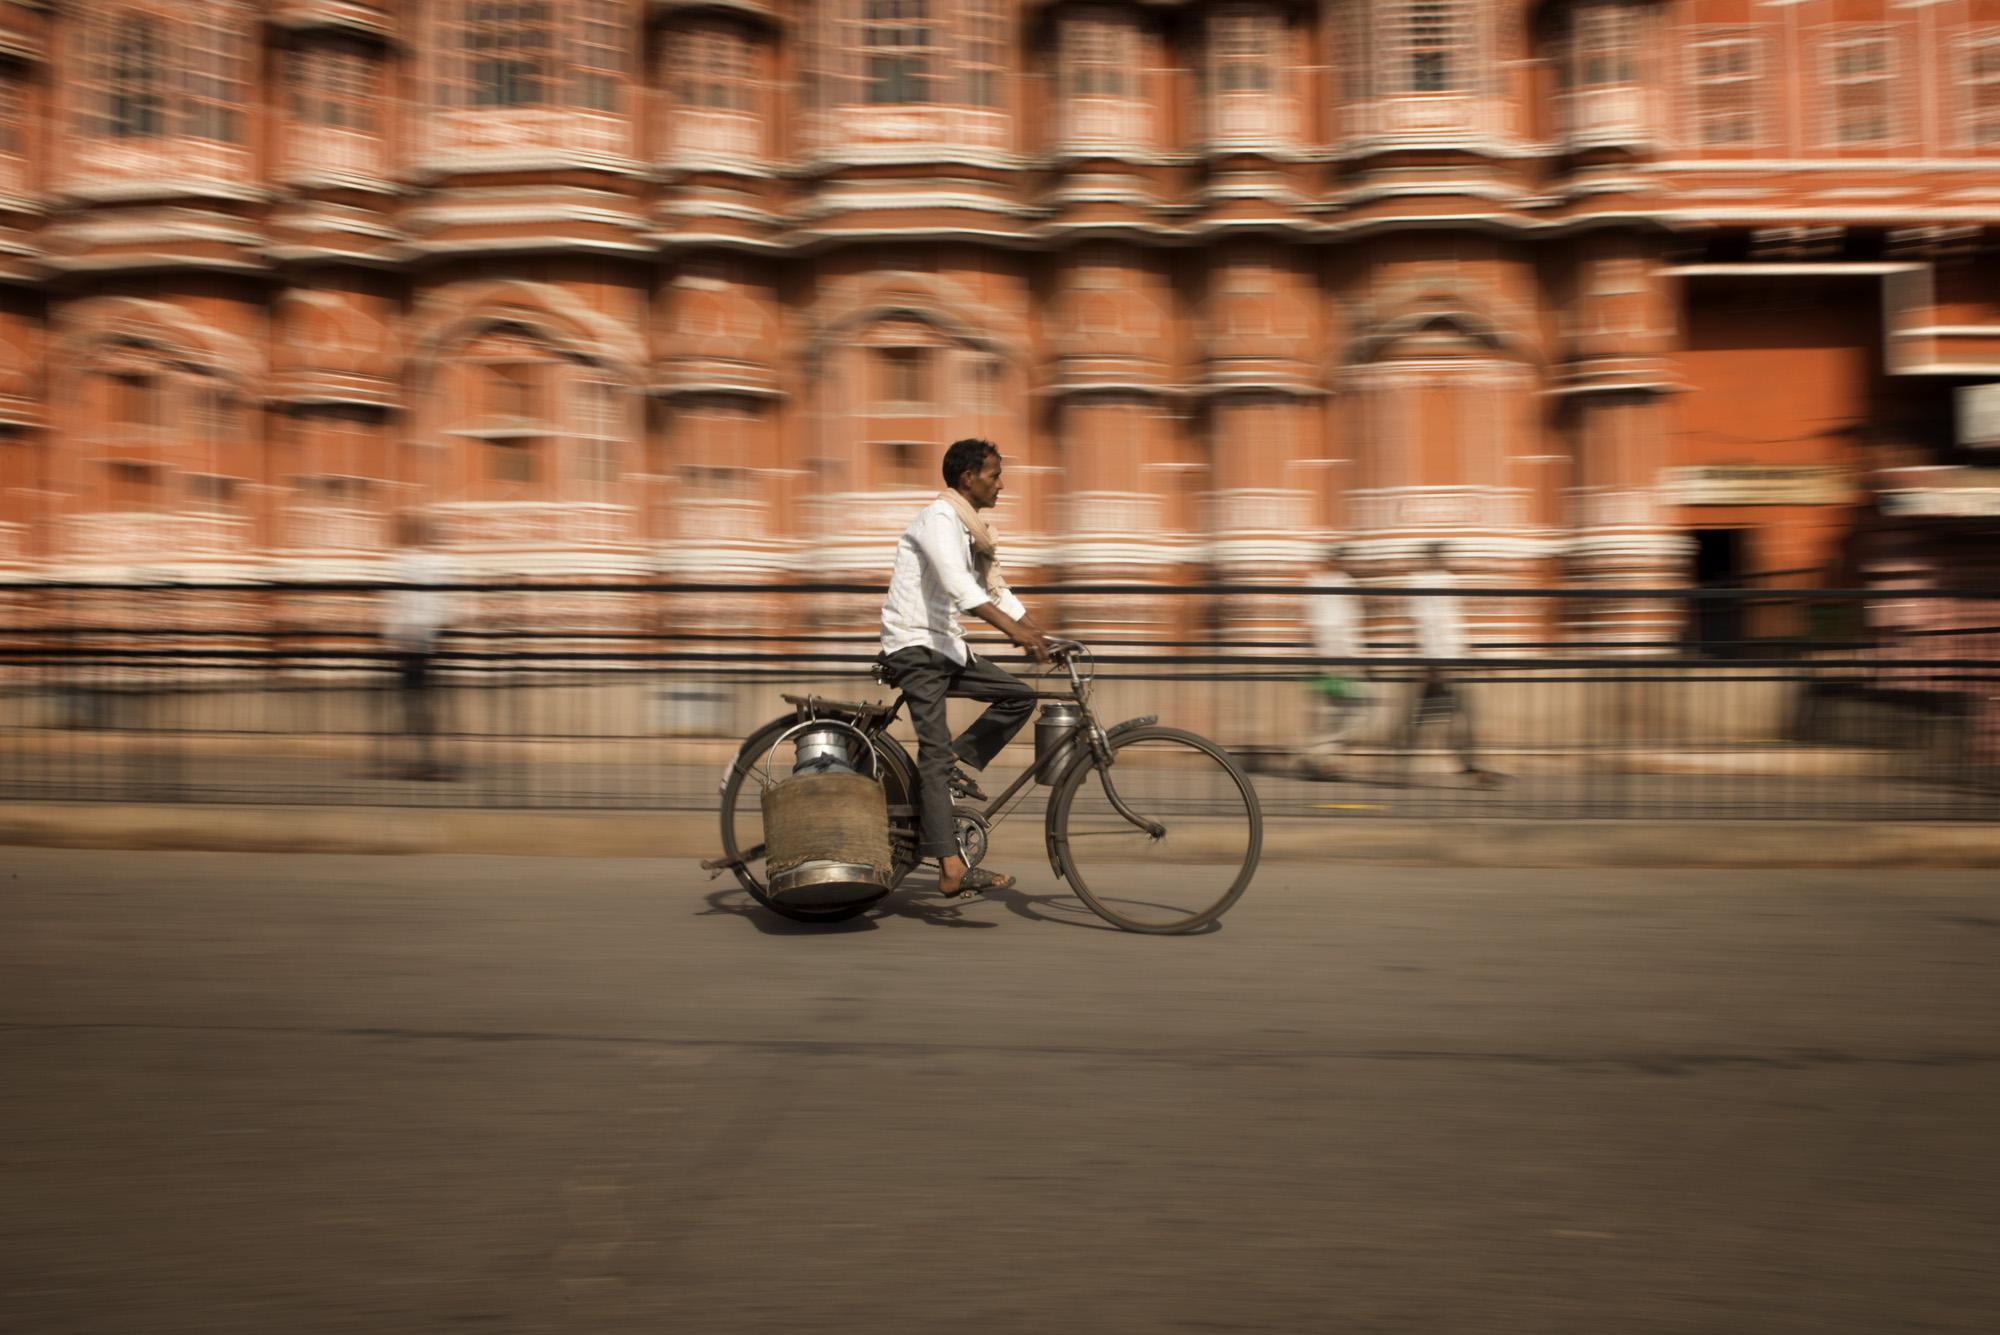 Panning Jaipur